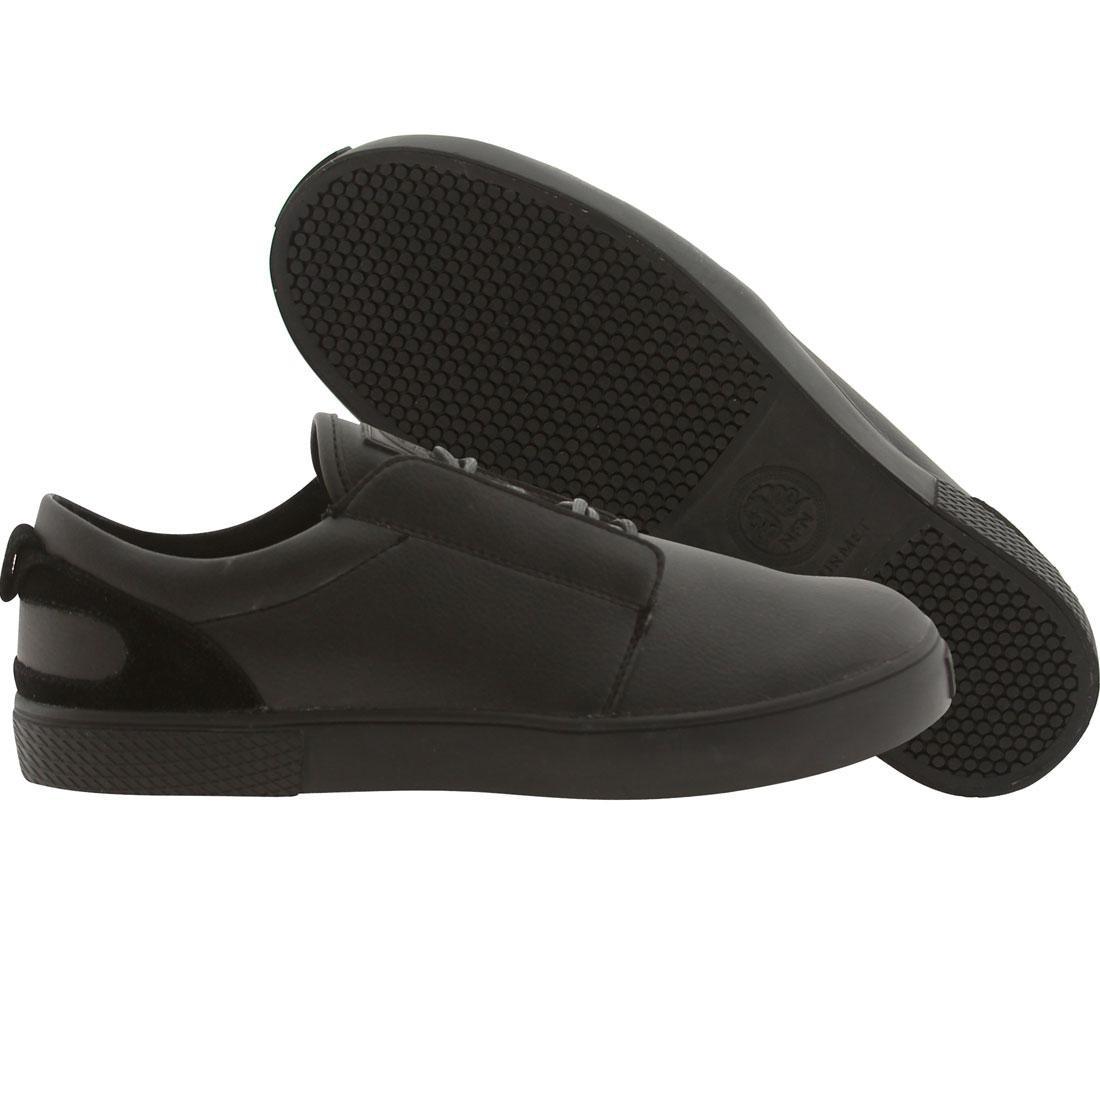 【海外限定】グルメ メンズ靴 靴 【 GOURMET SECIDI LOW L BLACK 】